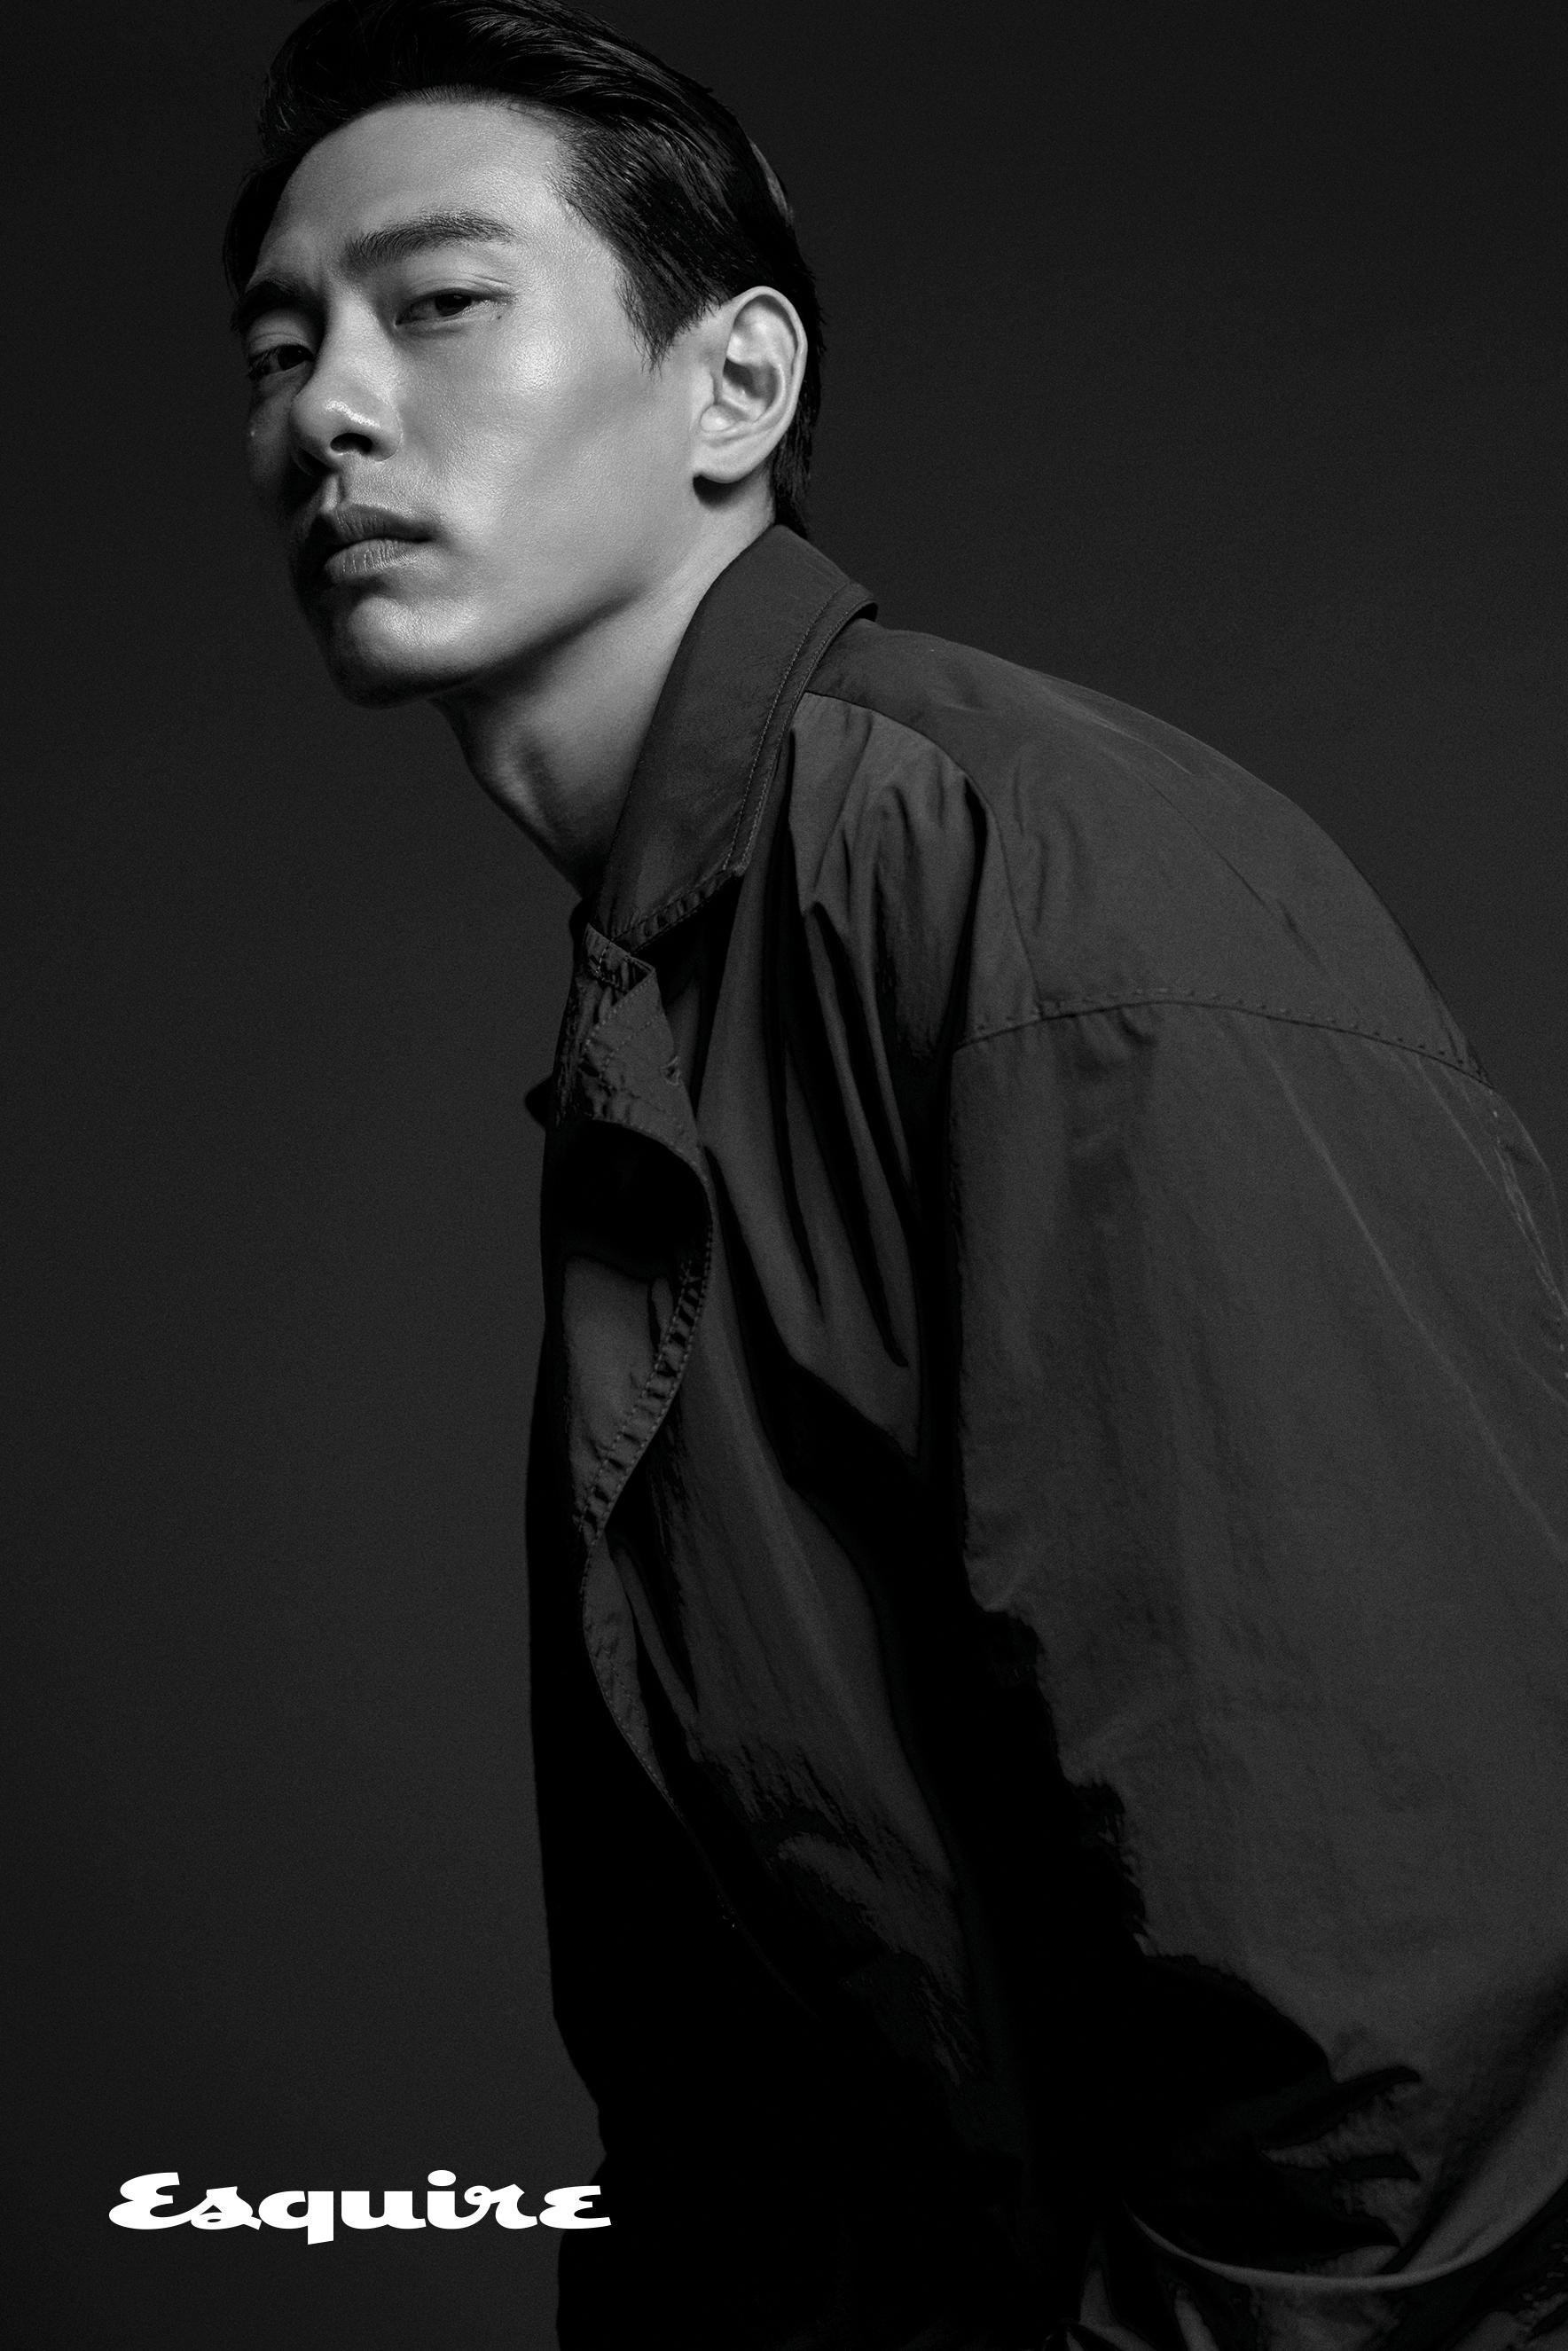 트렌치코트 송지오 옴므. 티셔츠 비이커.